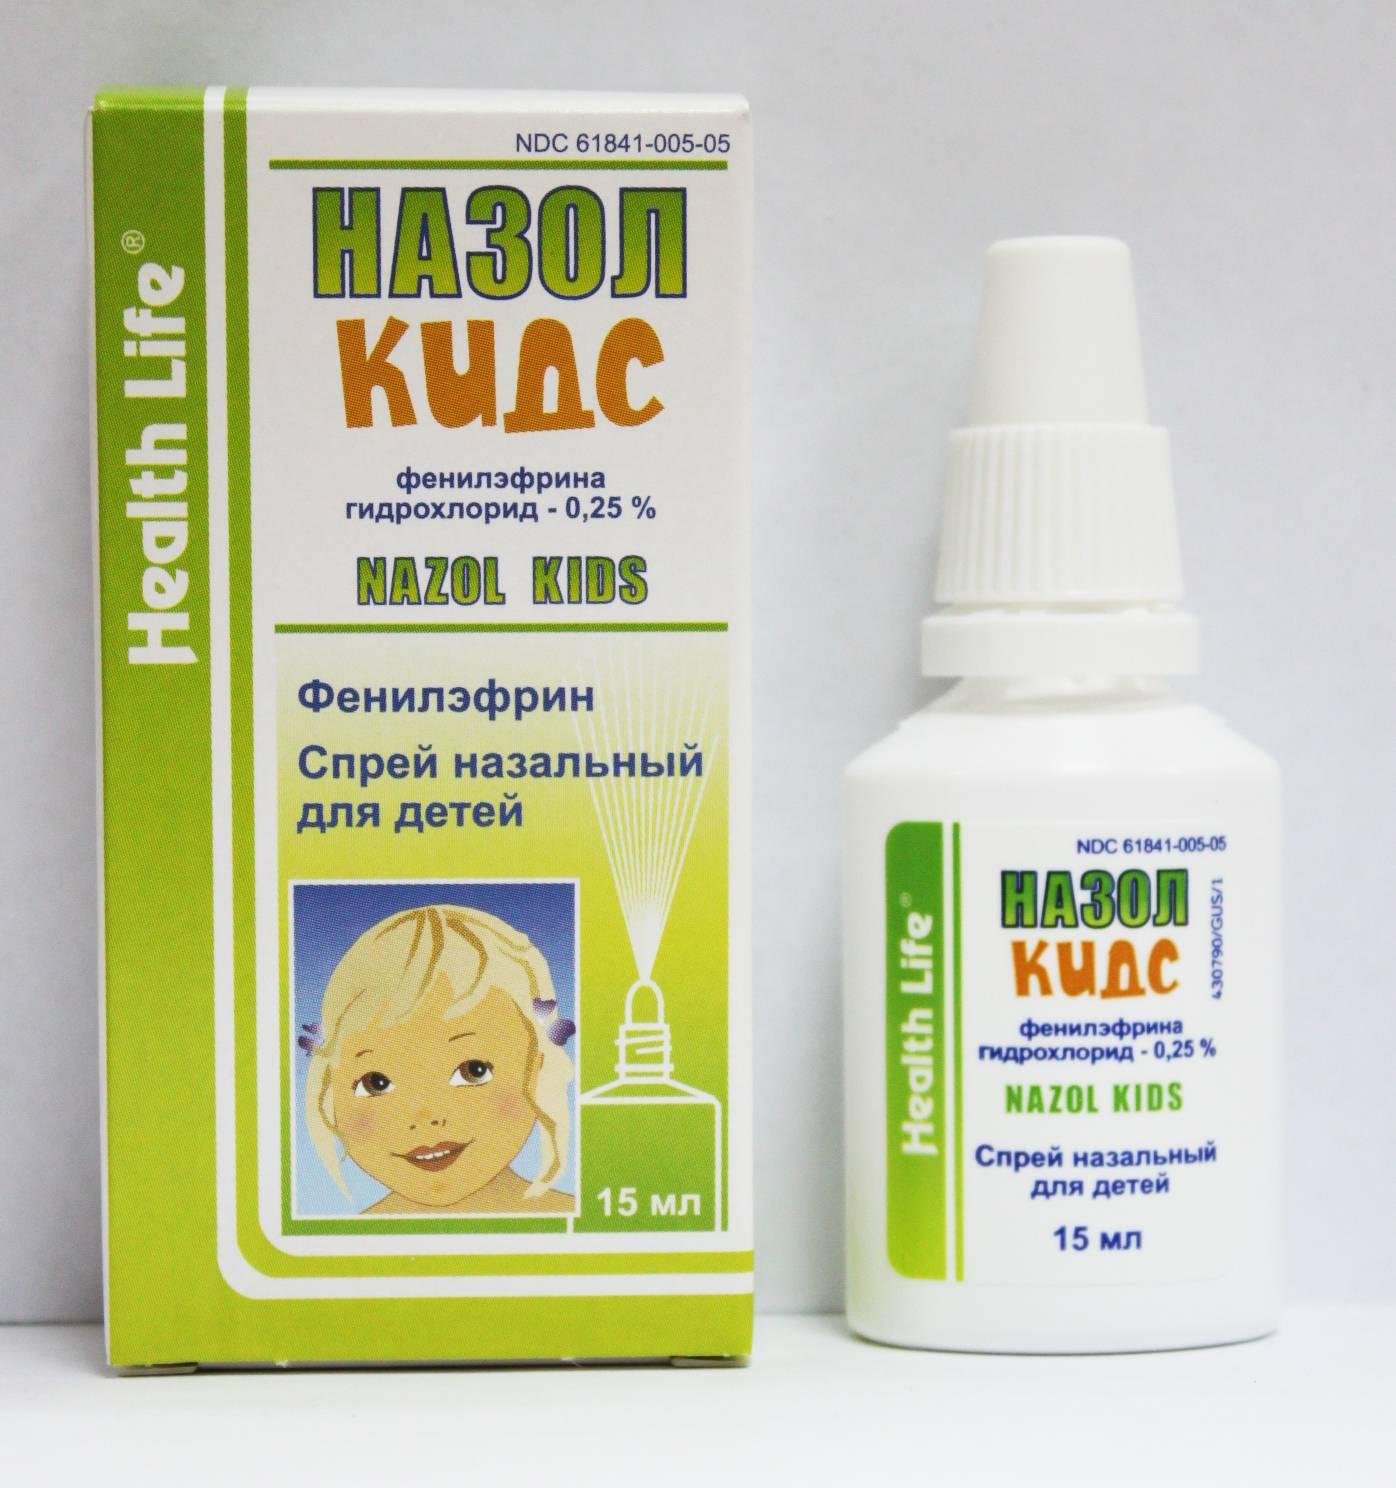 Капли в нос для лечения насморка: иммуностимулирующие препараты